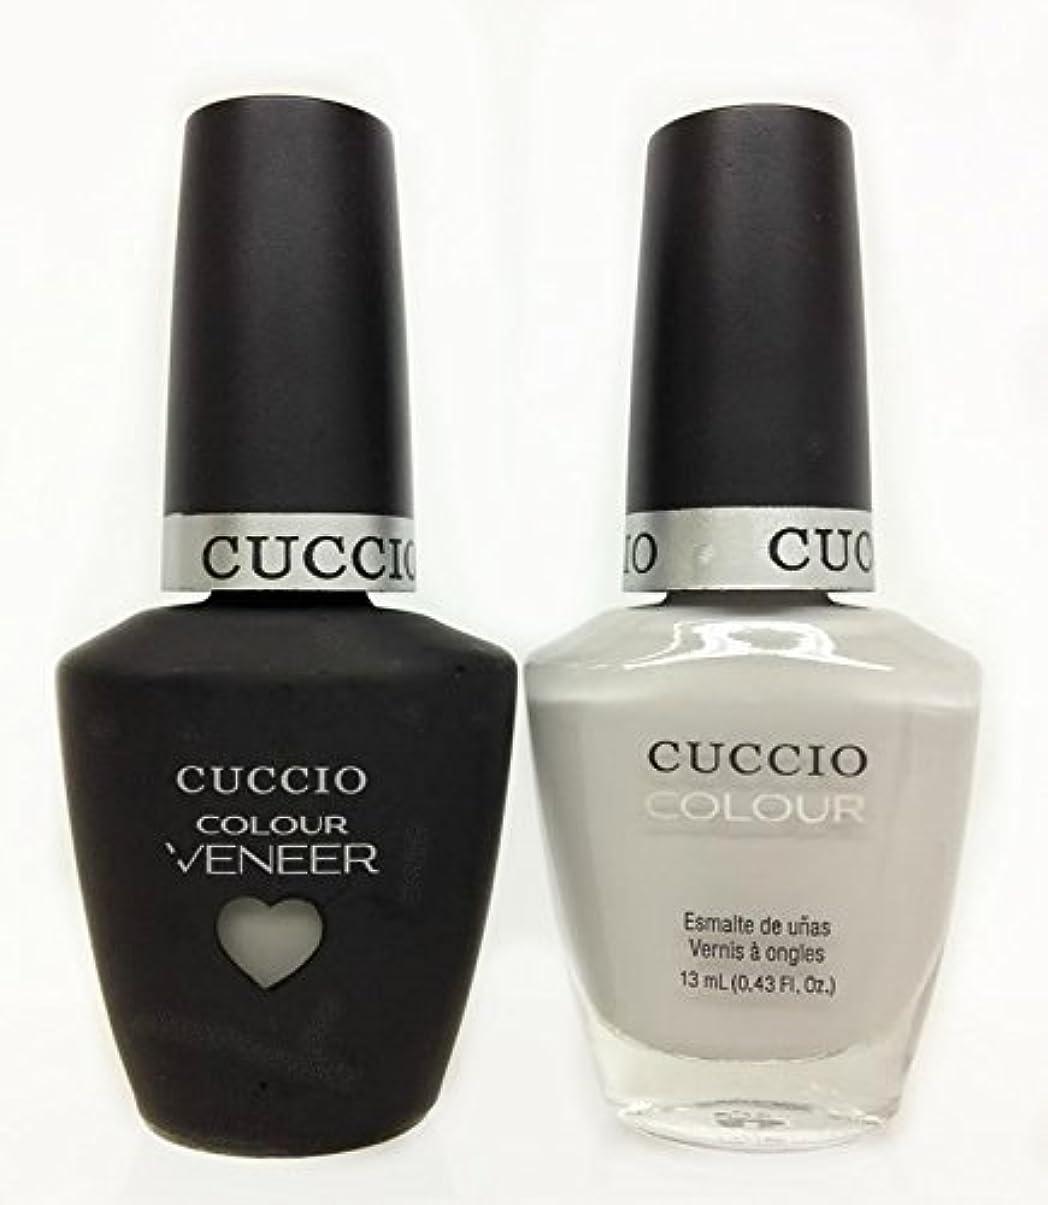 妖精勘違いする眉Cuccio MatchMakers Veneer & Lacquer - Quick as a Bunny - 0.43oz / 13ml Each